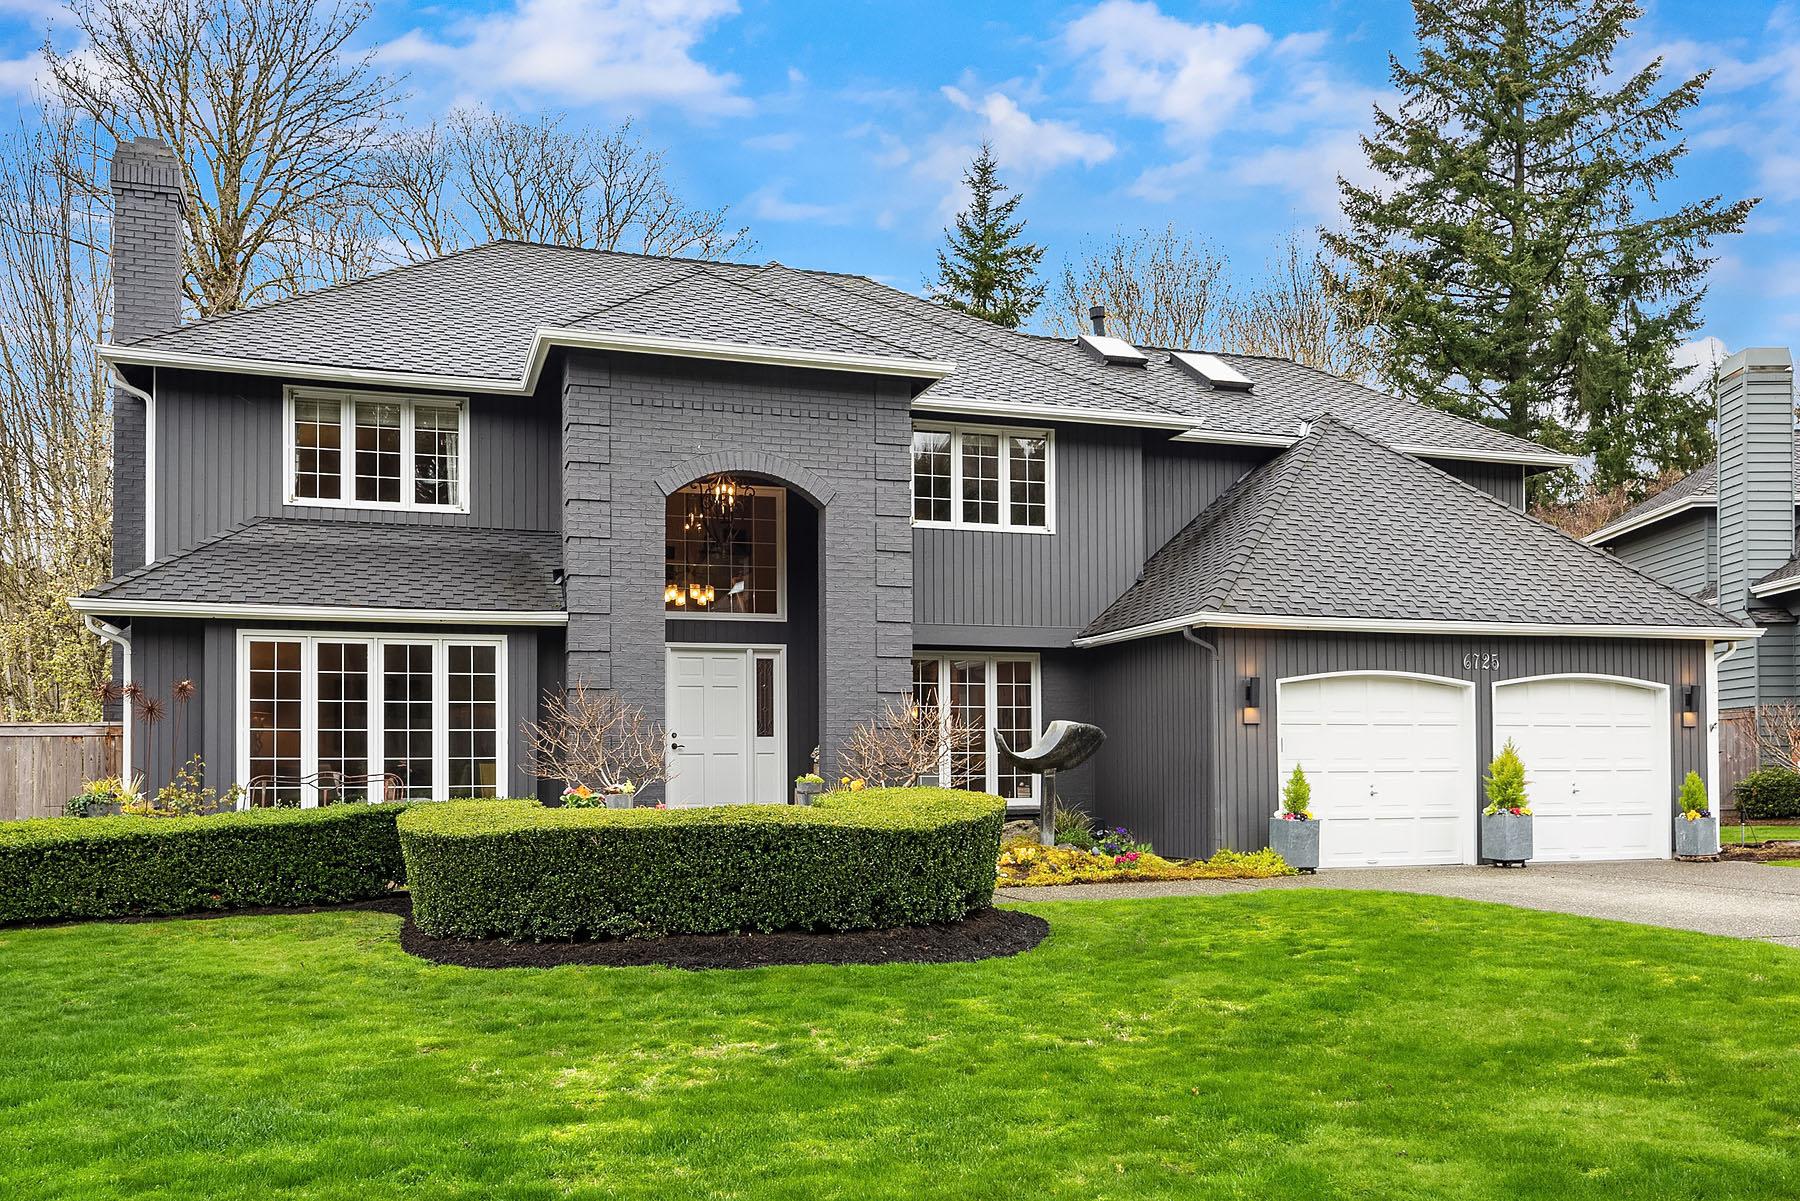 $1,593,000 / 6725 153rd SE Place Bellevue, 98006 image